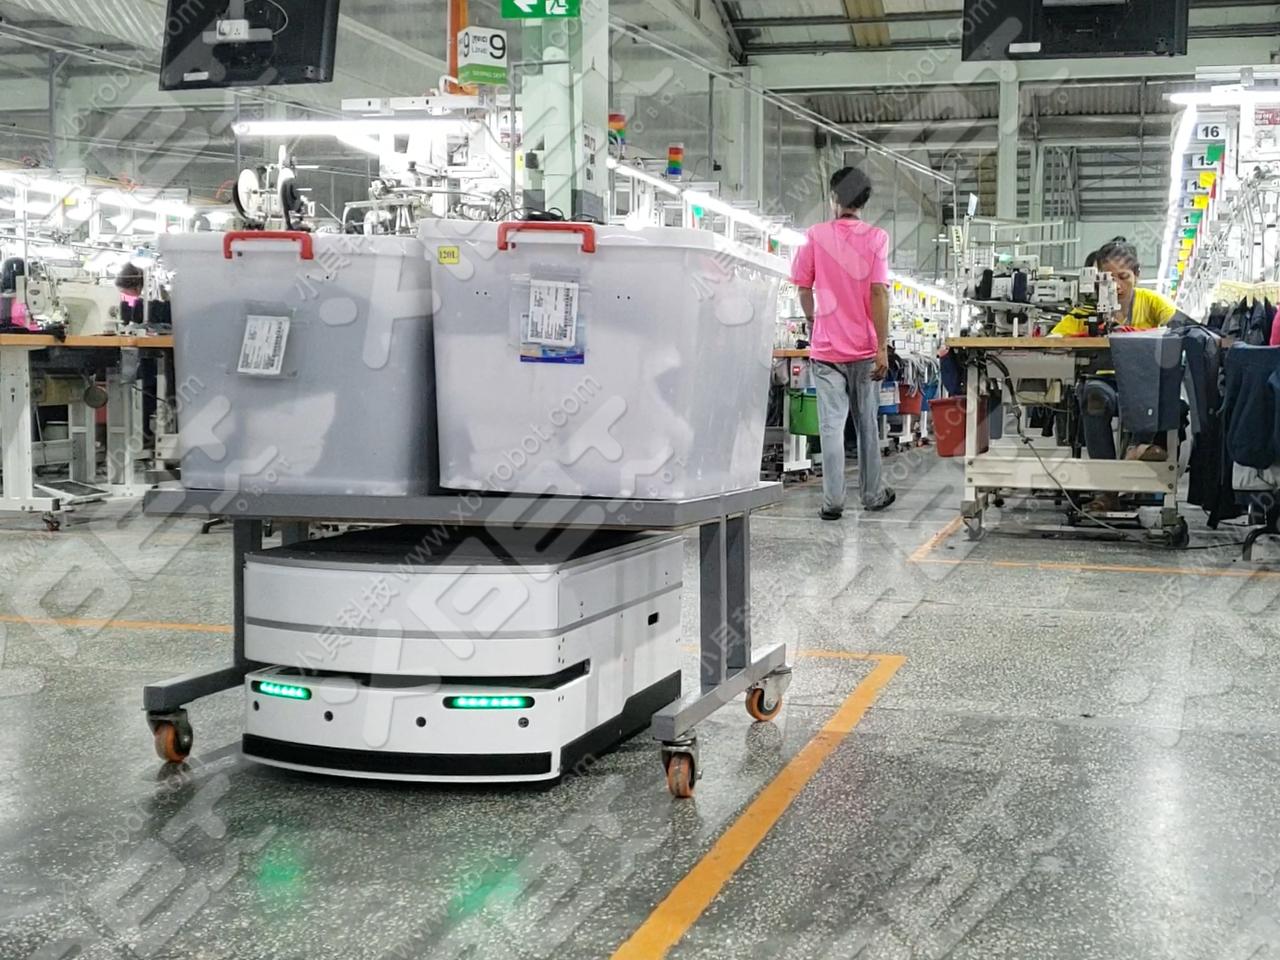 智能機器人供應商_自動機器人相關-深圳市小貝科技有限公司